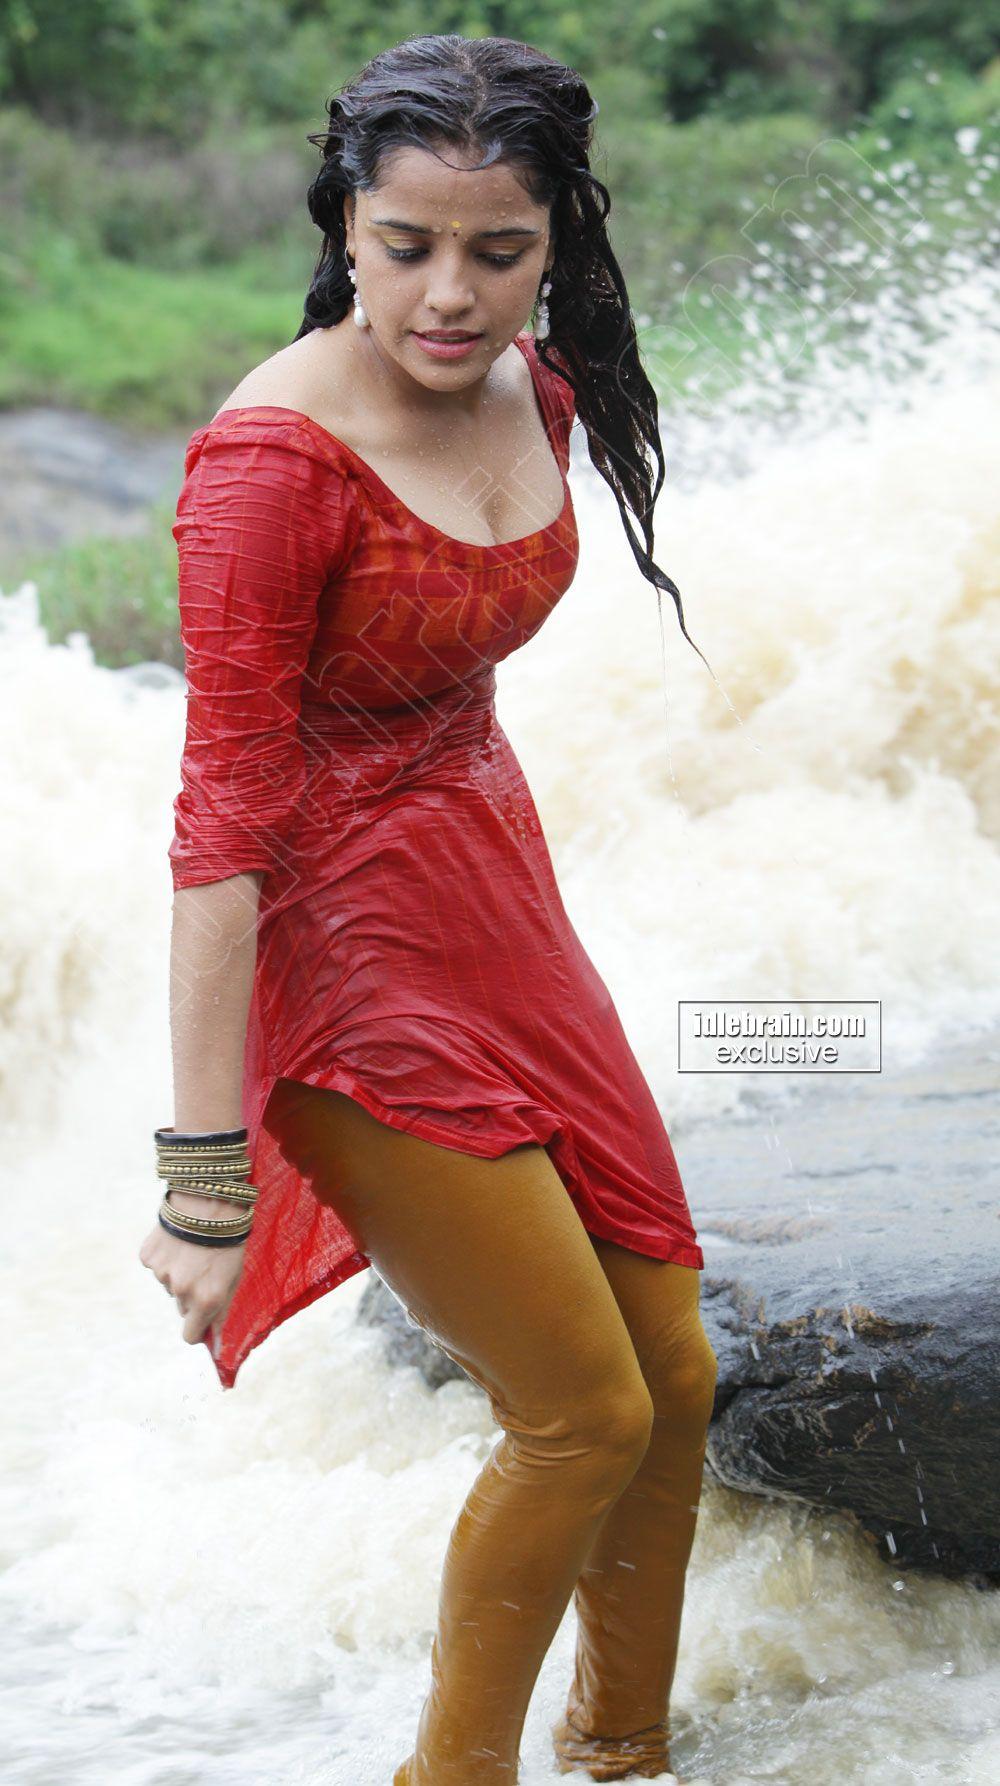 EARNESTINE: Hot wet pics